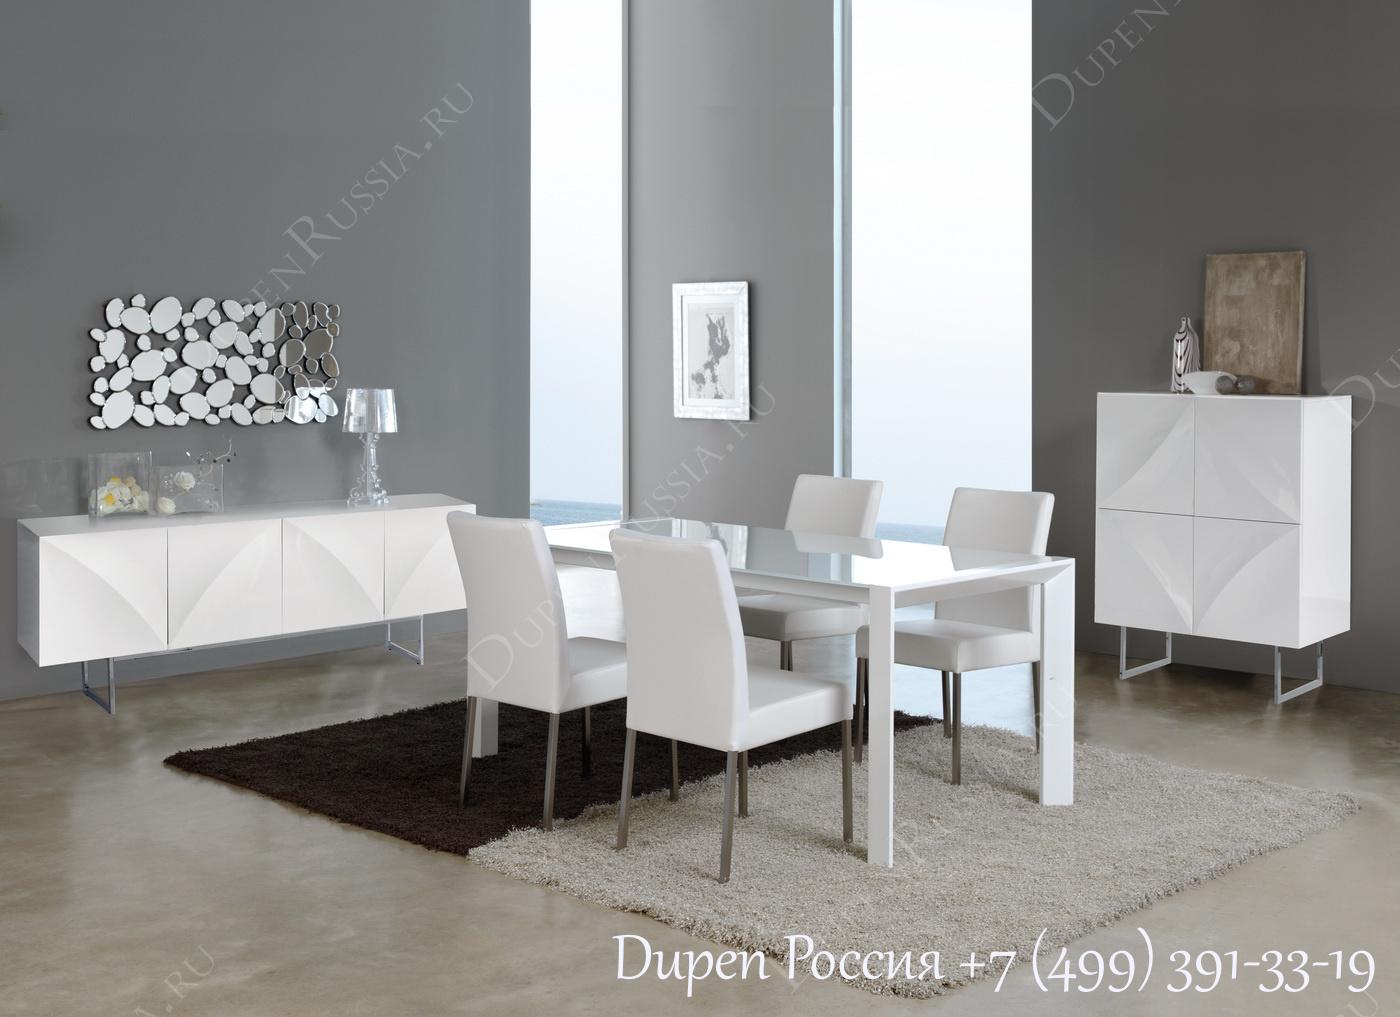 Обеденный стол DUPEN DT-10 Раскладной Белый, стулья DUPEN DC-101, Буфет DUPEN W-101 Белый, Буфет DUPEN W-102 Белый